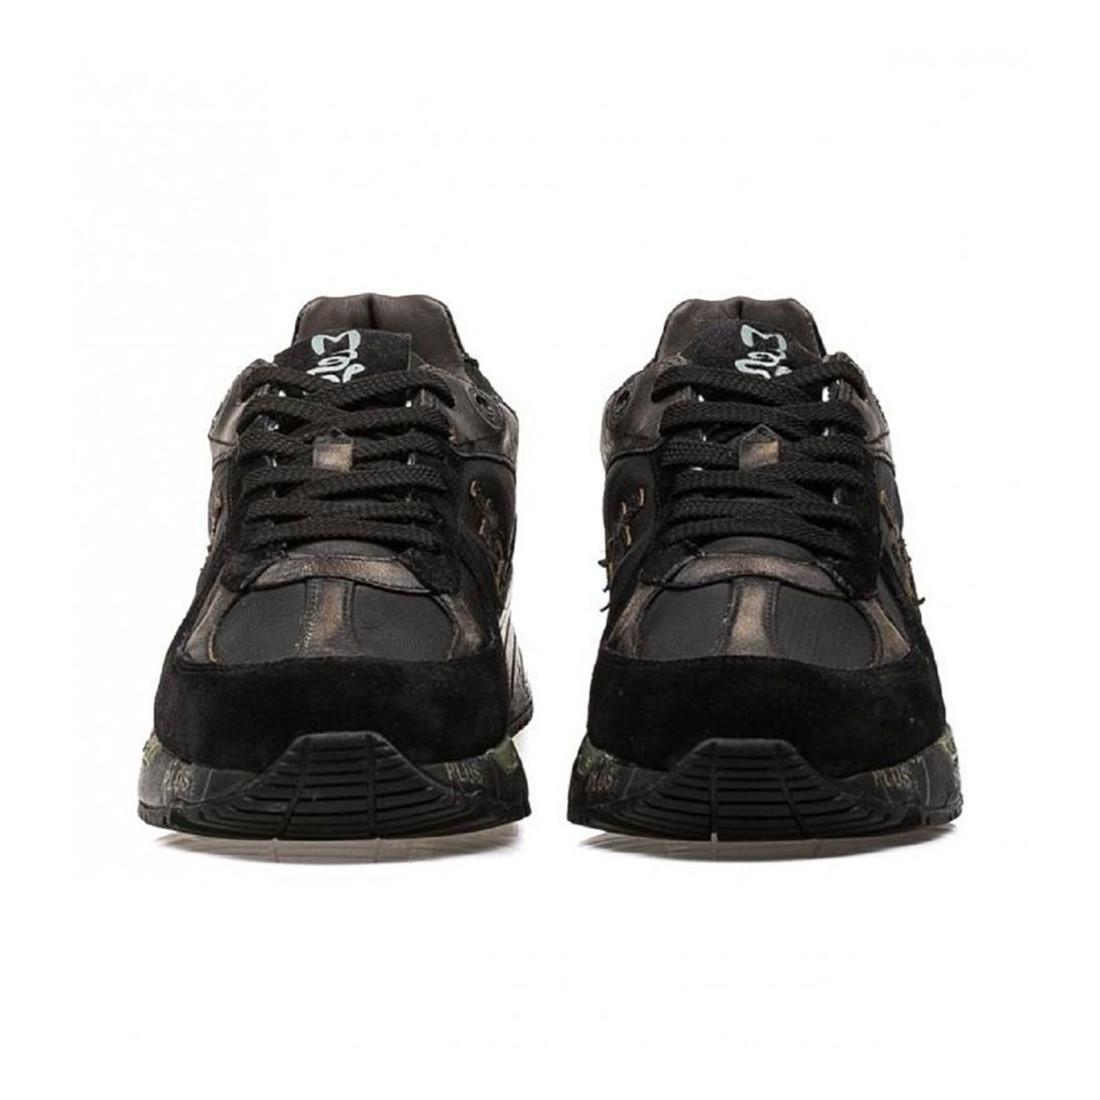 sneakers uomo premiata mase5013 8846